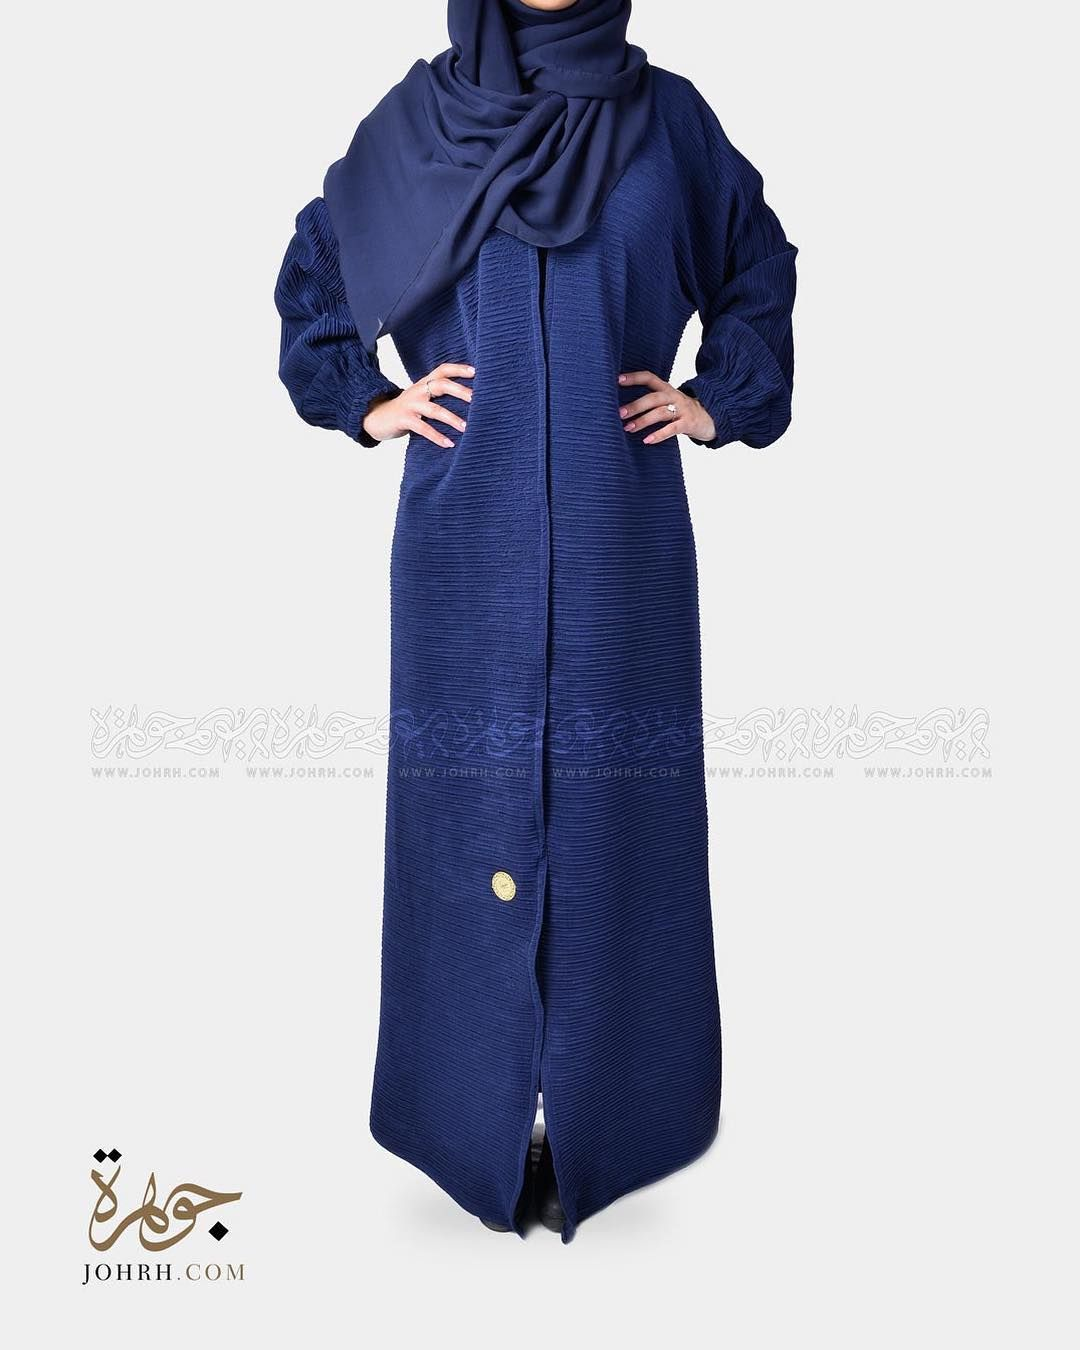 رقم الموديل 1220 السعر 230 ريال عباية بقماش استرتش بتقليمه مميزه بلون كحلي وكم ضيق بطرف مطاط عباية ملونة عبايات جوهرة عباي Fashion High Neck Dress Coat